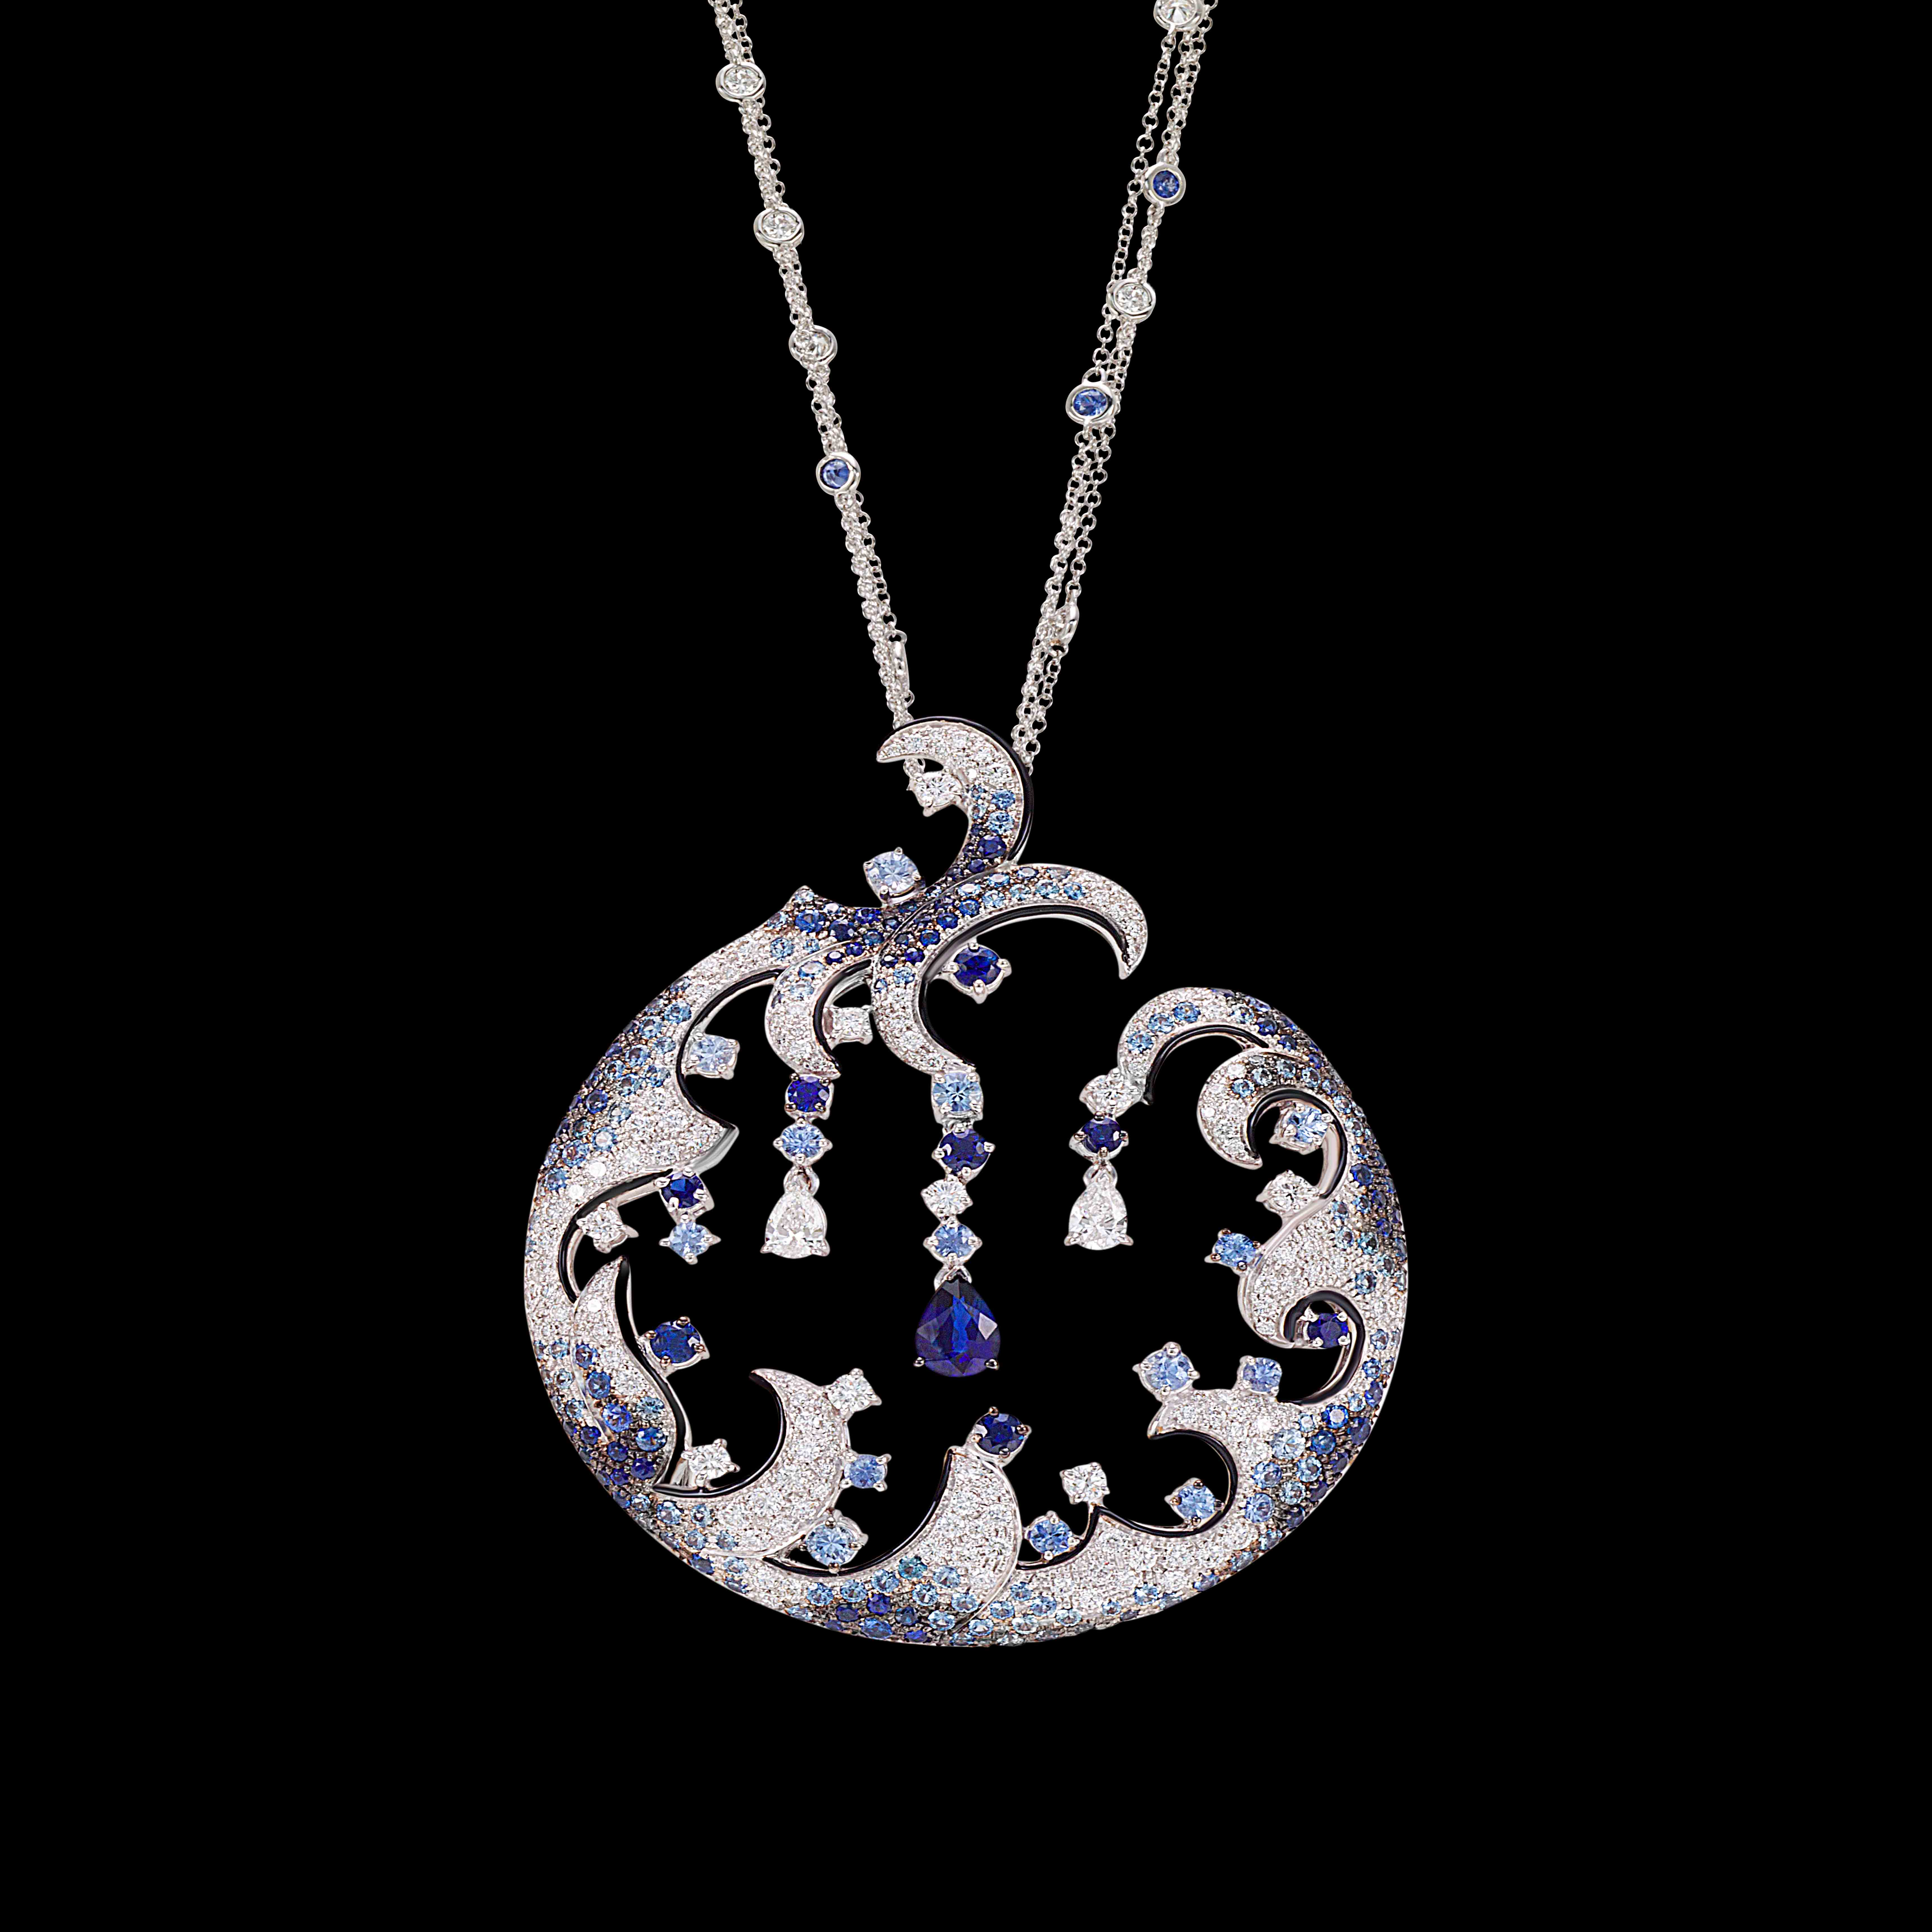 GR 1148 ZF massimo raiteri exclusive jewellery gioielli